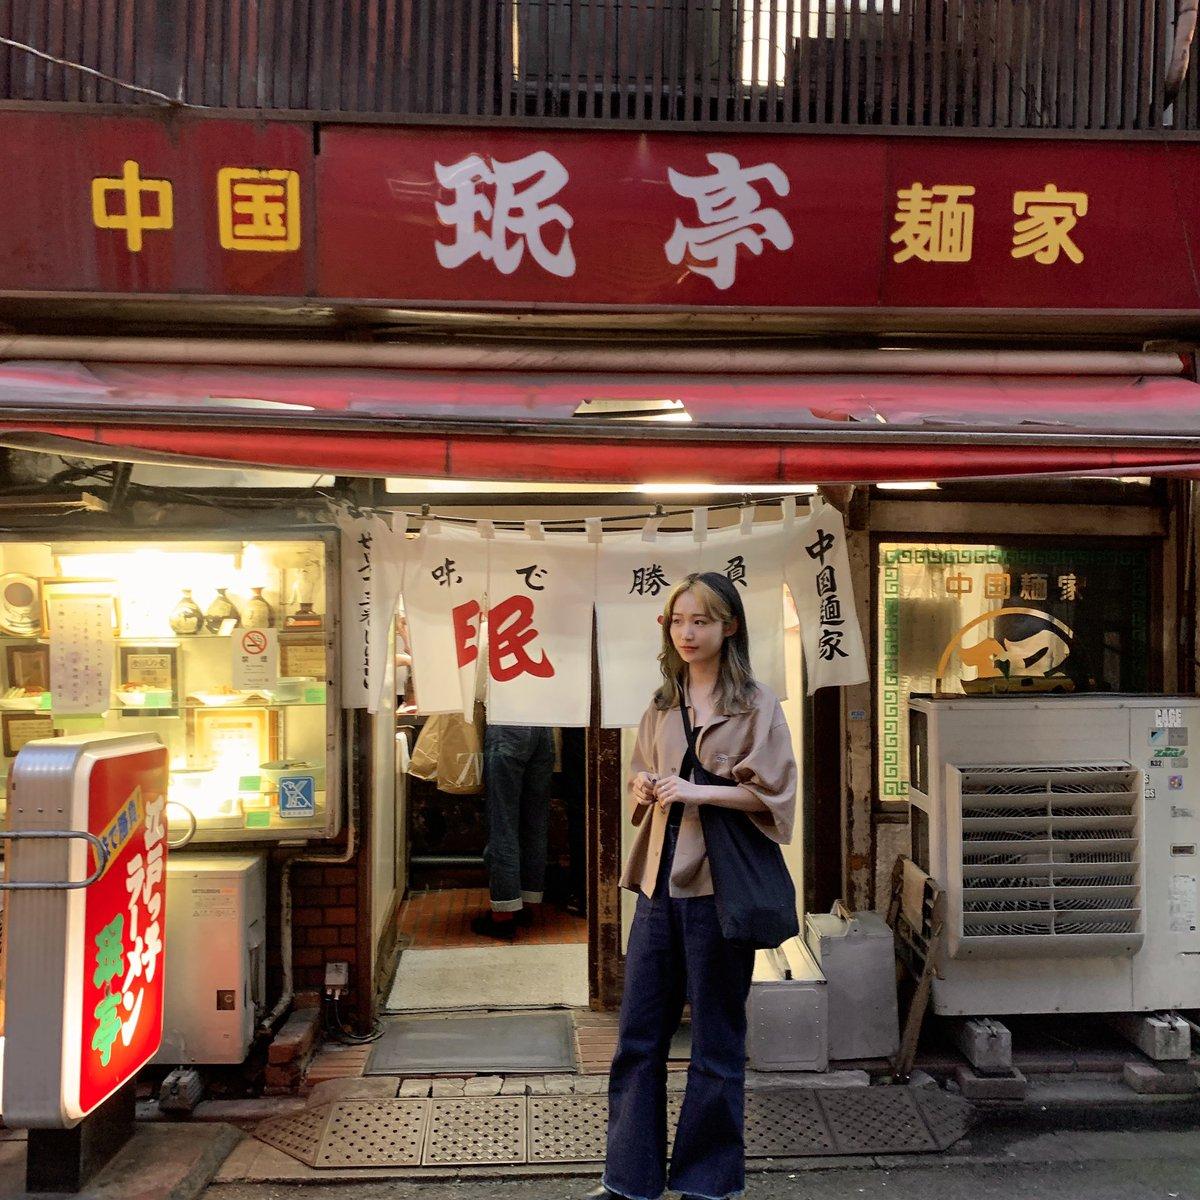 進藤ヒカル 月日 メンマ円 遊戯王 ハイボール円に関連した画像-10